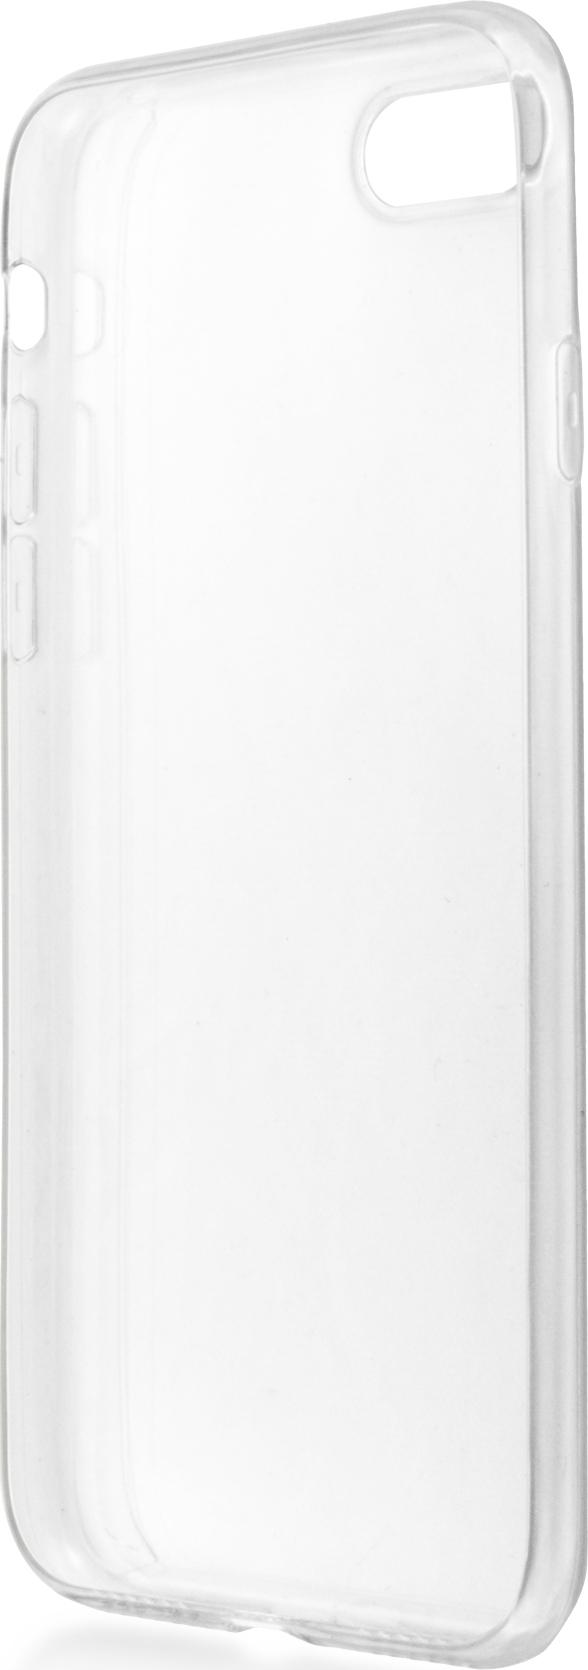 Чехол Brosco TPU для Apple iPhone 7, прозрачный локк rock iphone7 телефон оболочки apple 7 кронштейн силиконовый прозрачный tpu защитный рукав кронштейн оболочки